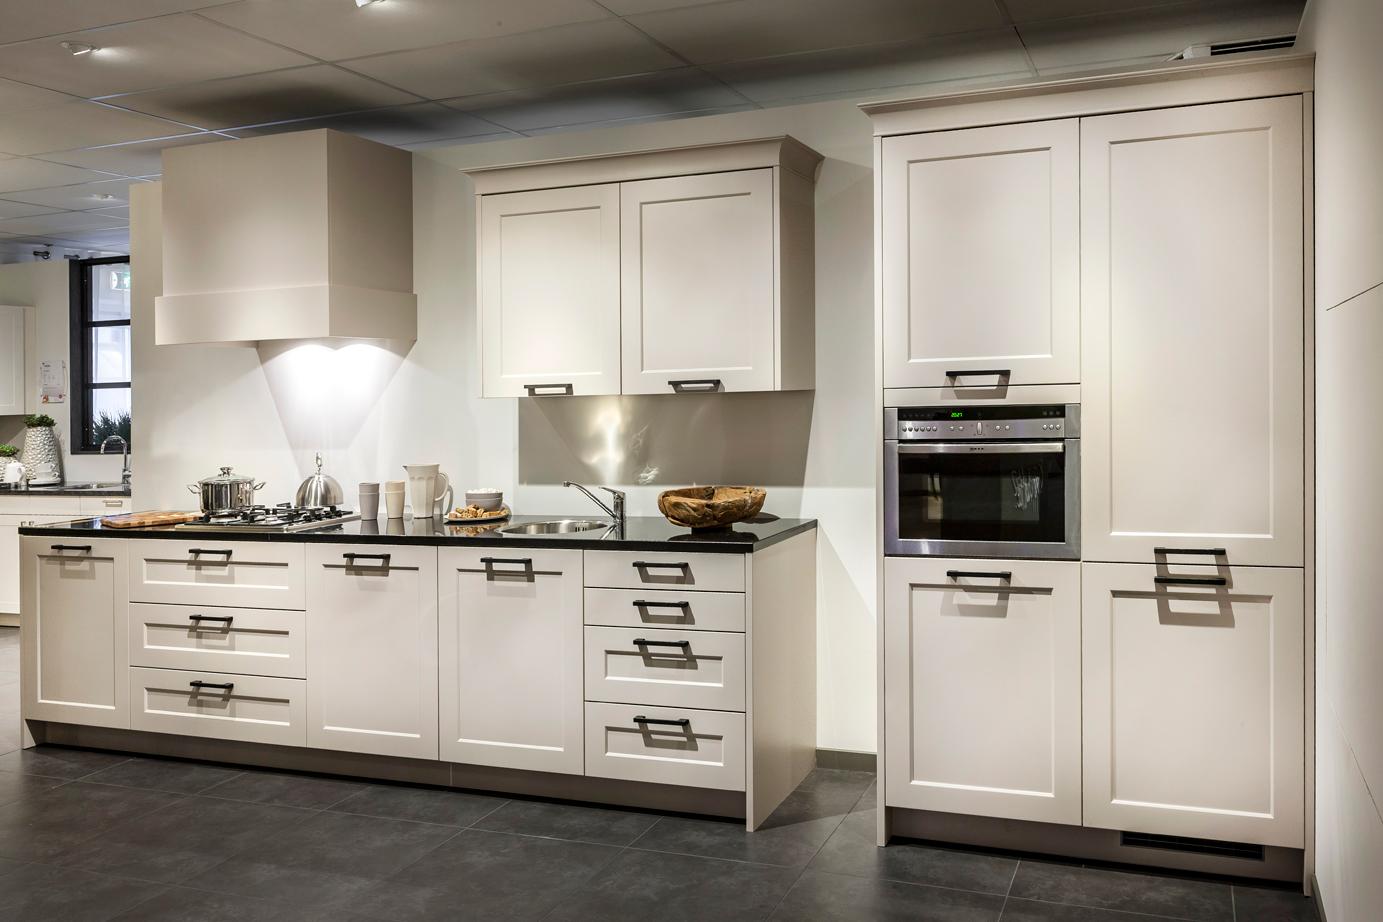 Kastenwand Keuken Te Koop : Rechte keuken. Benut uw ruimte optimaal in huis. – DB Keukens